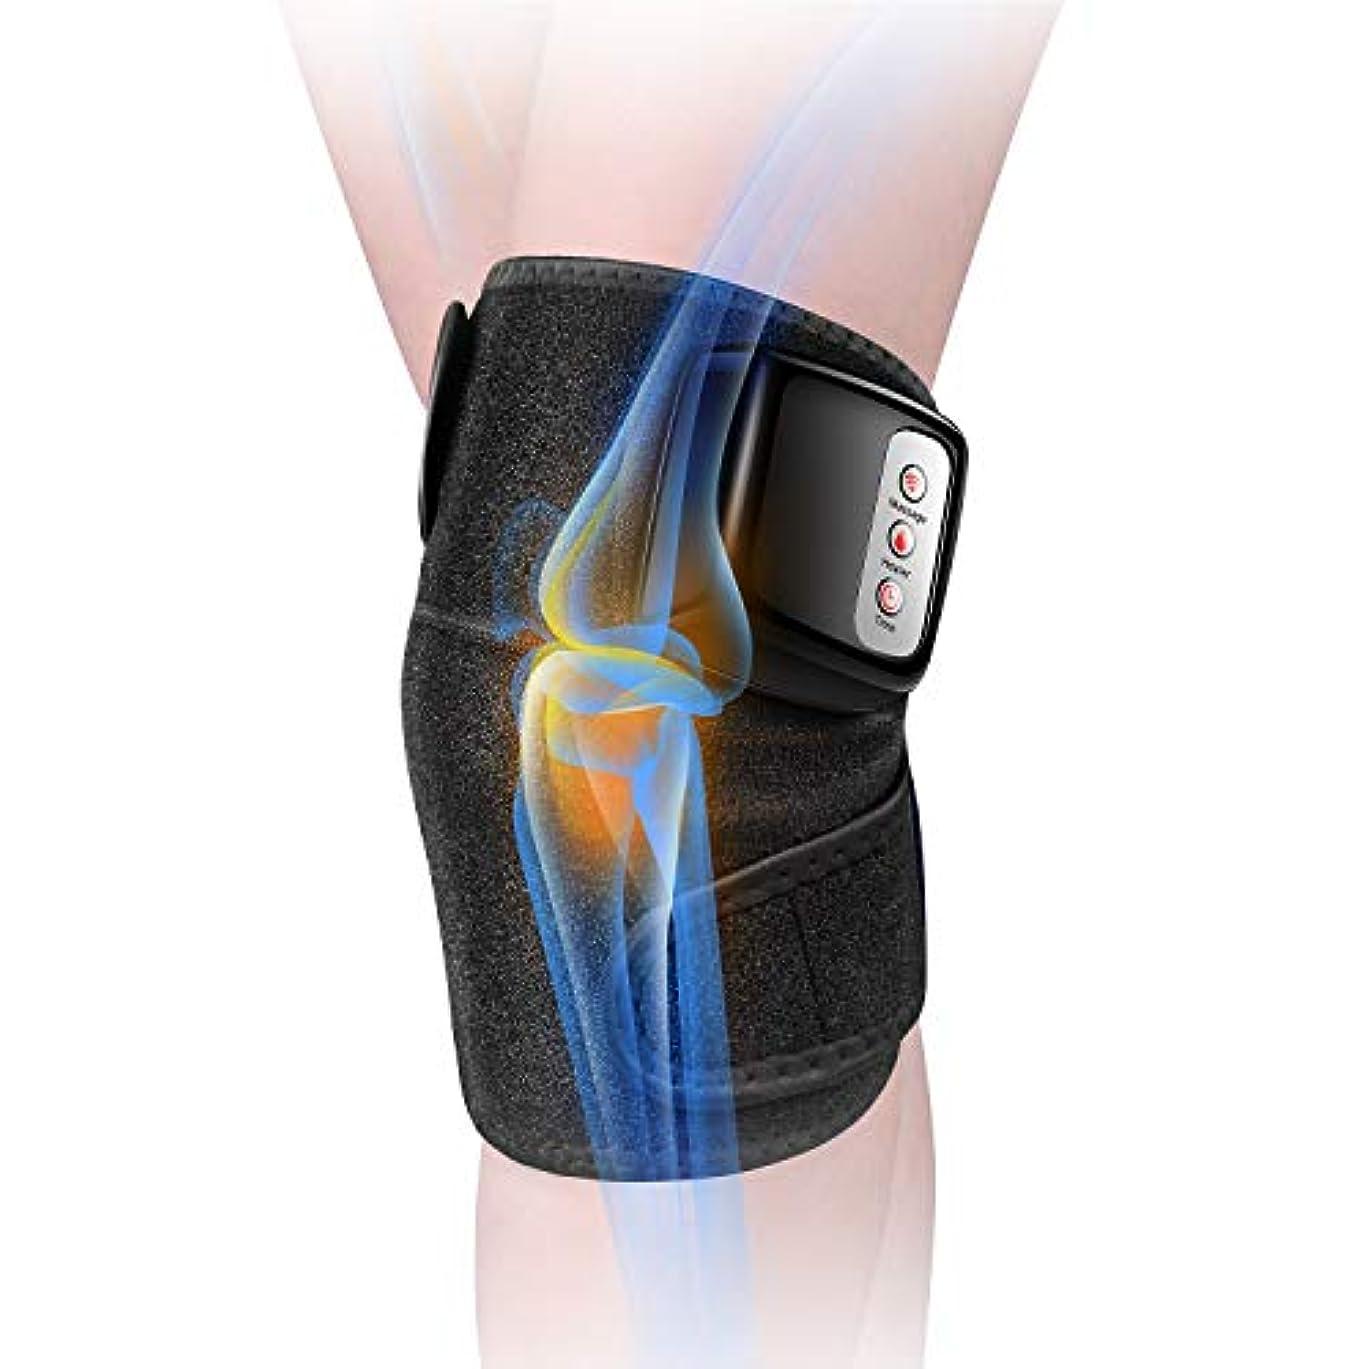 不和宿泊施設有望膝マッサージャー 関節マッサージャー マッサージ器 フットマッサージャー 振動 赤外線療法 温熱療法 膝サポーター ストレス解消 肩 太もも/腕対応